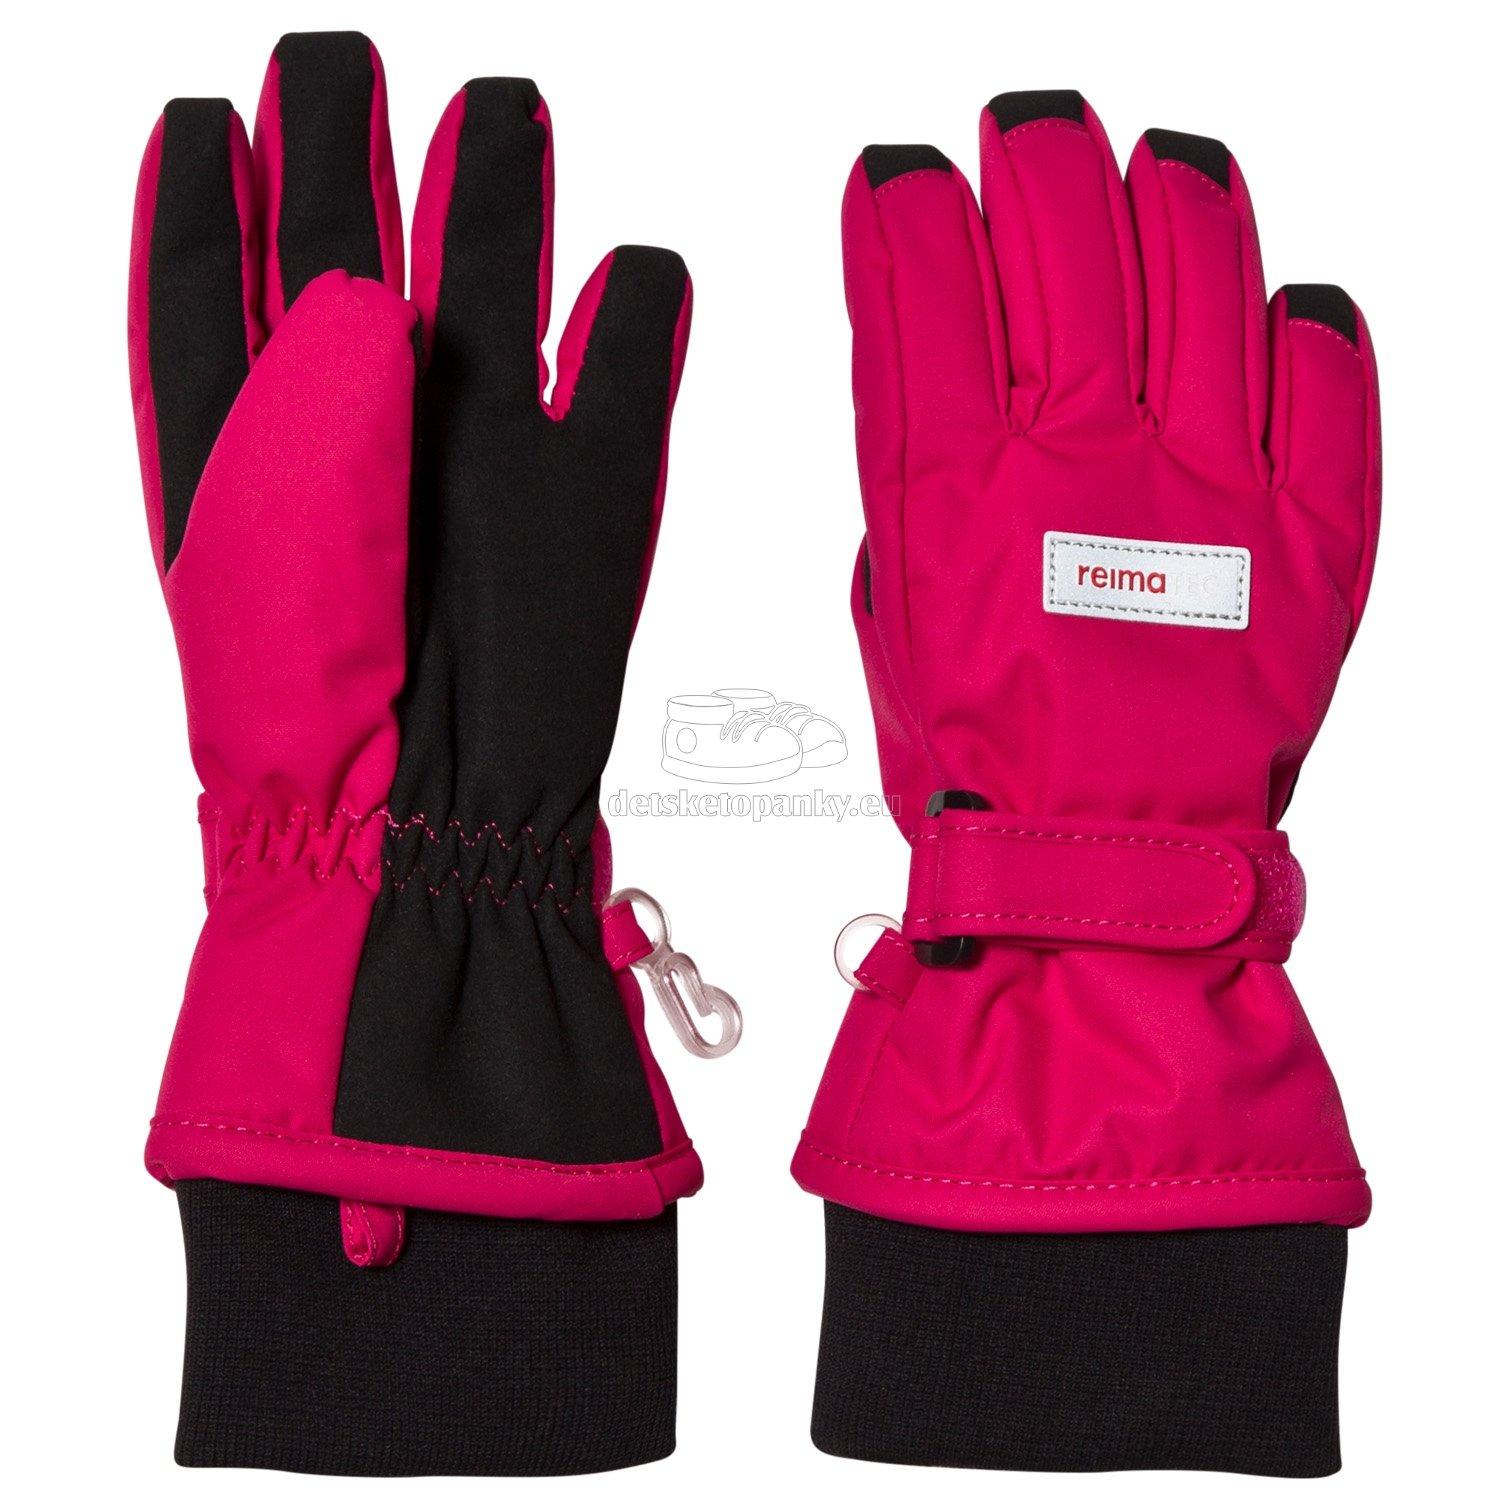 Dětské rukavice Reima 527289 Tartu cranberry pink